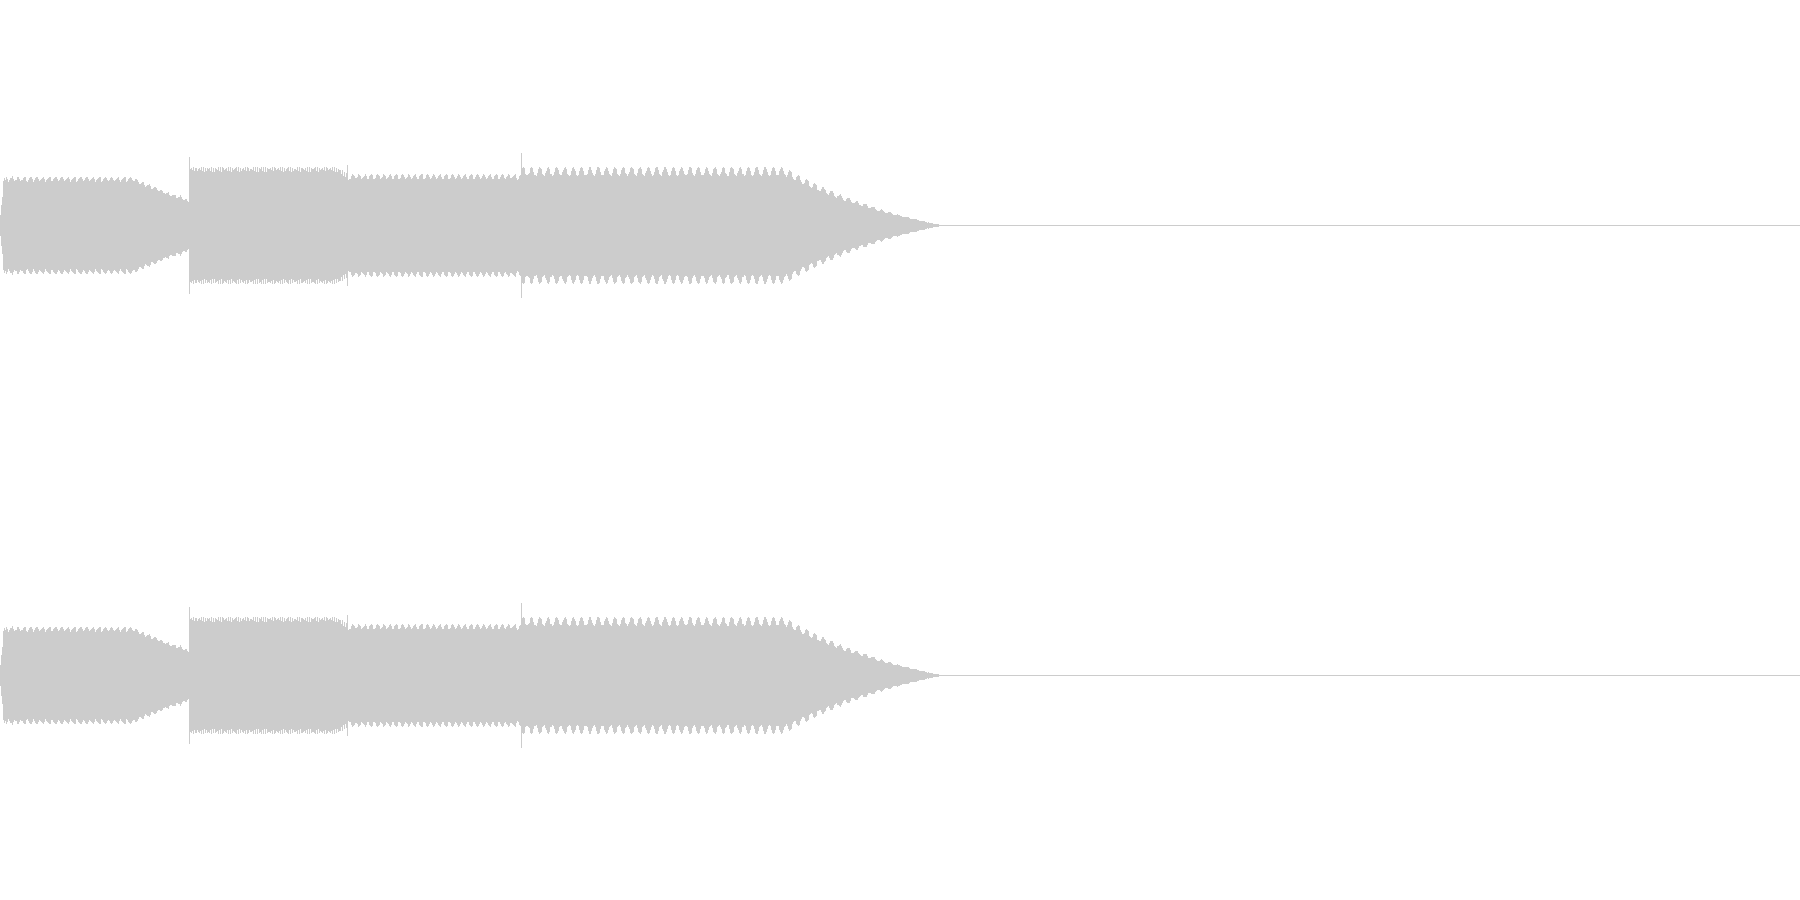 【SE 効果音】効果音その11の未再生の波形